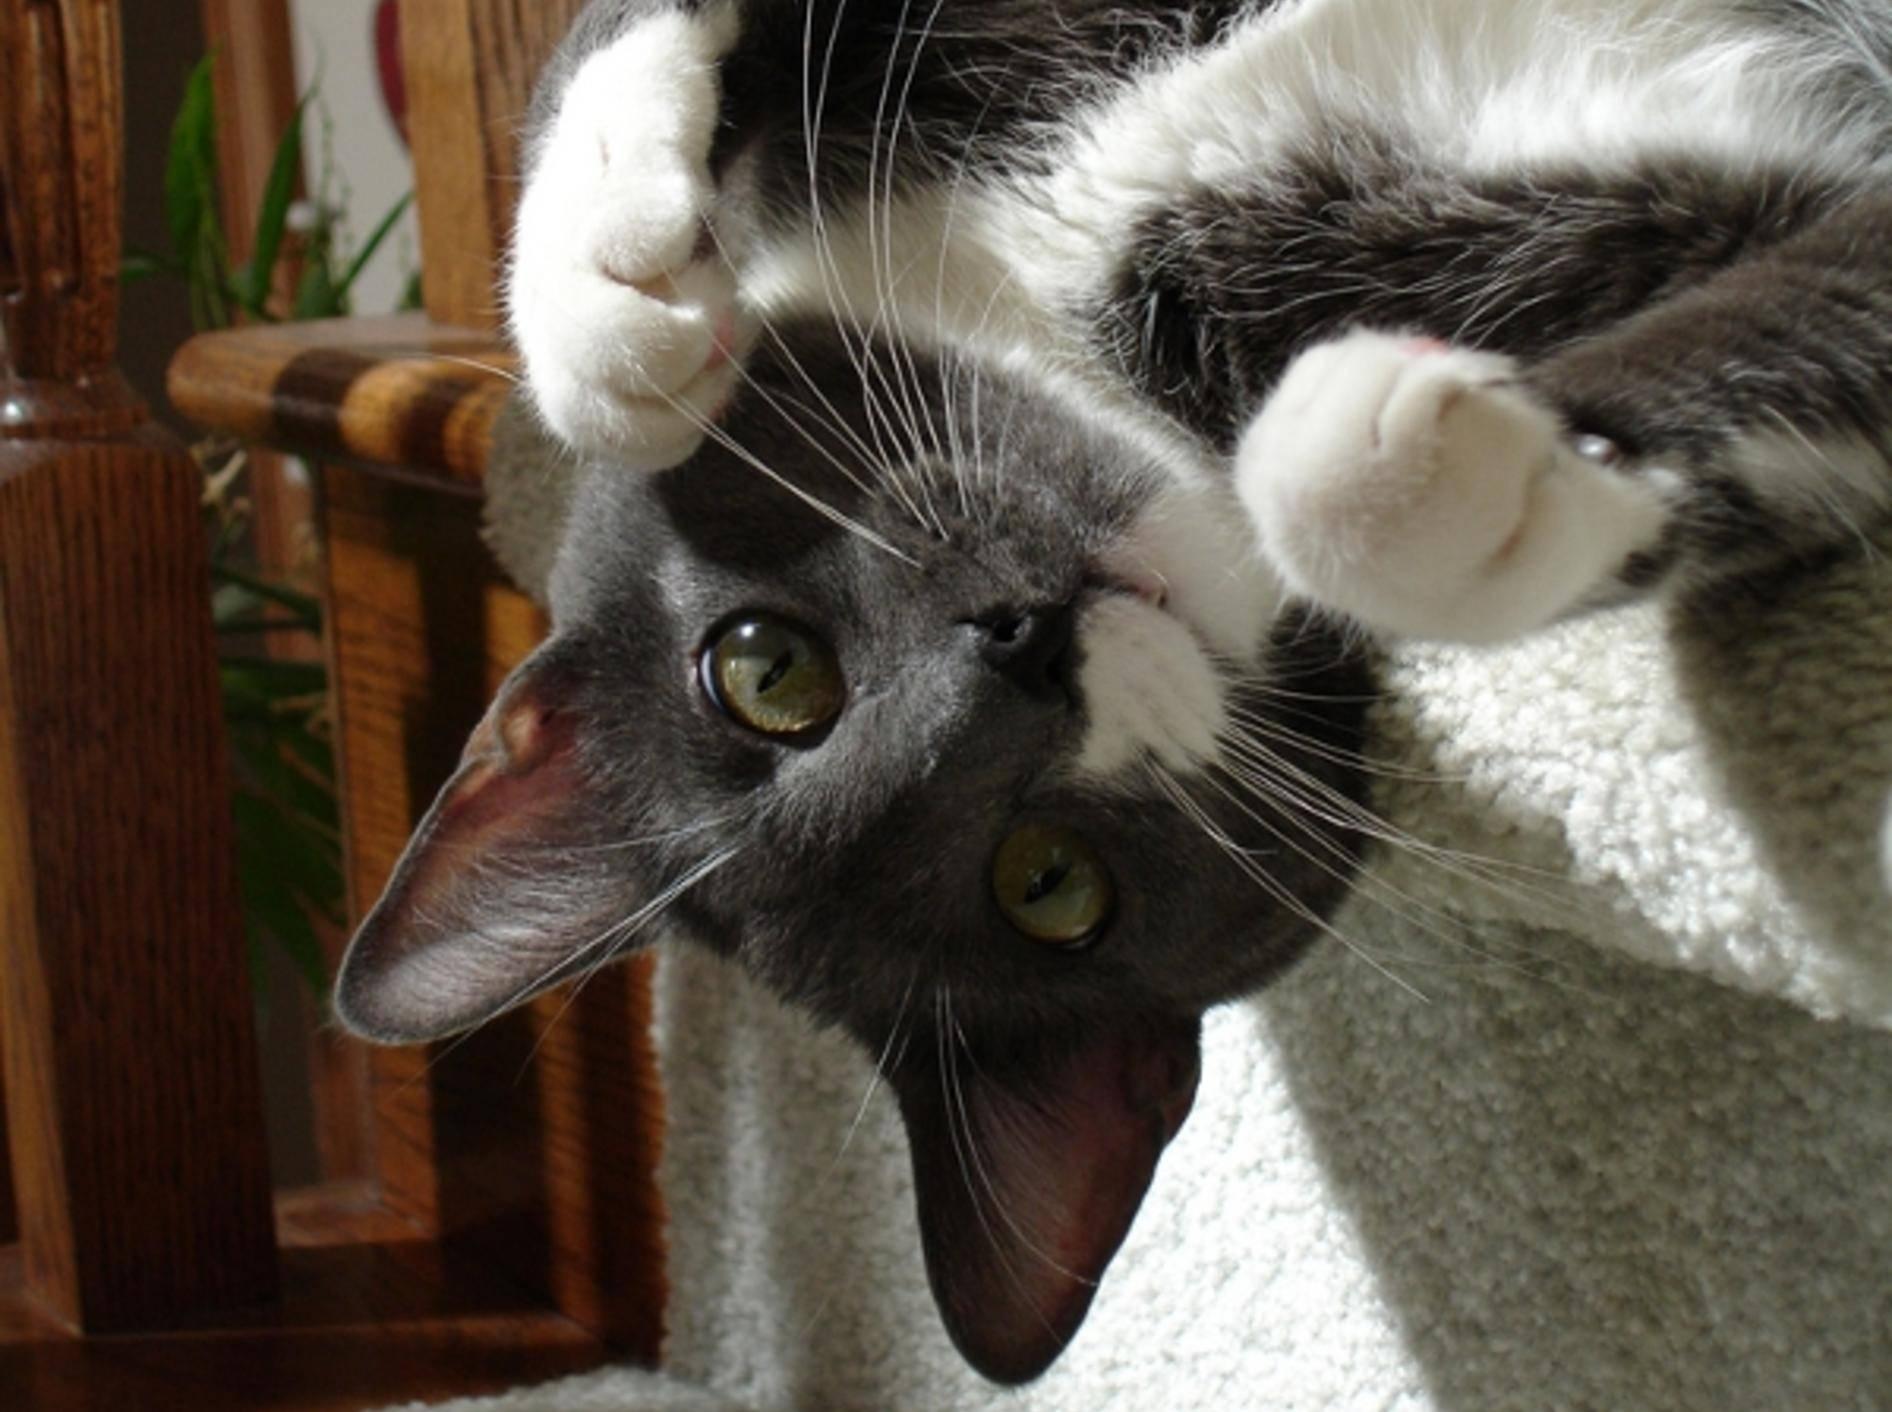 Manche Katzen lieben es, auf Treppen zu toben